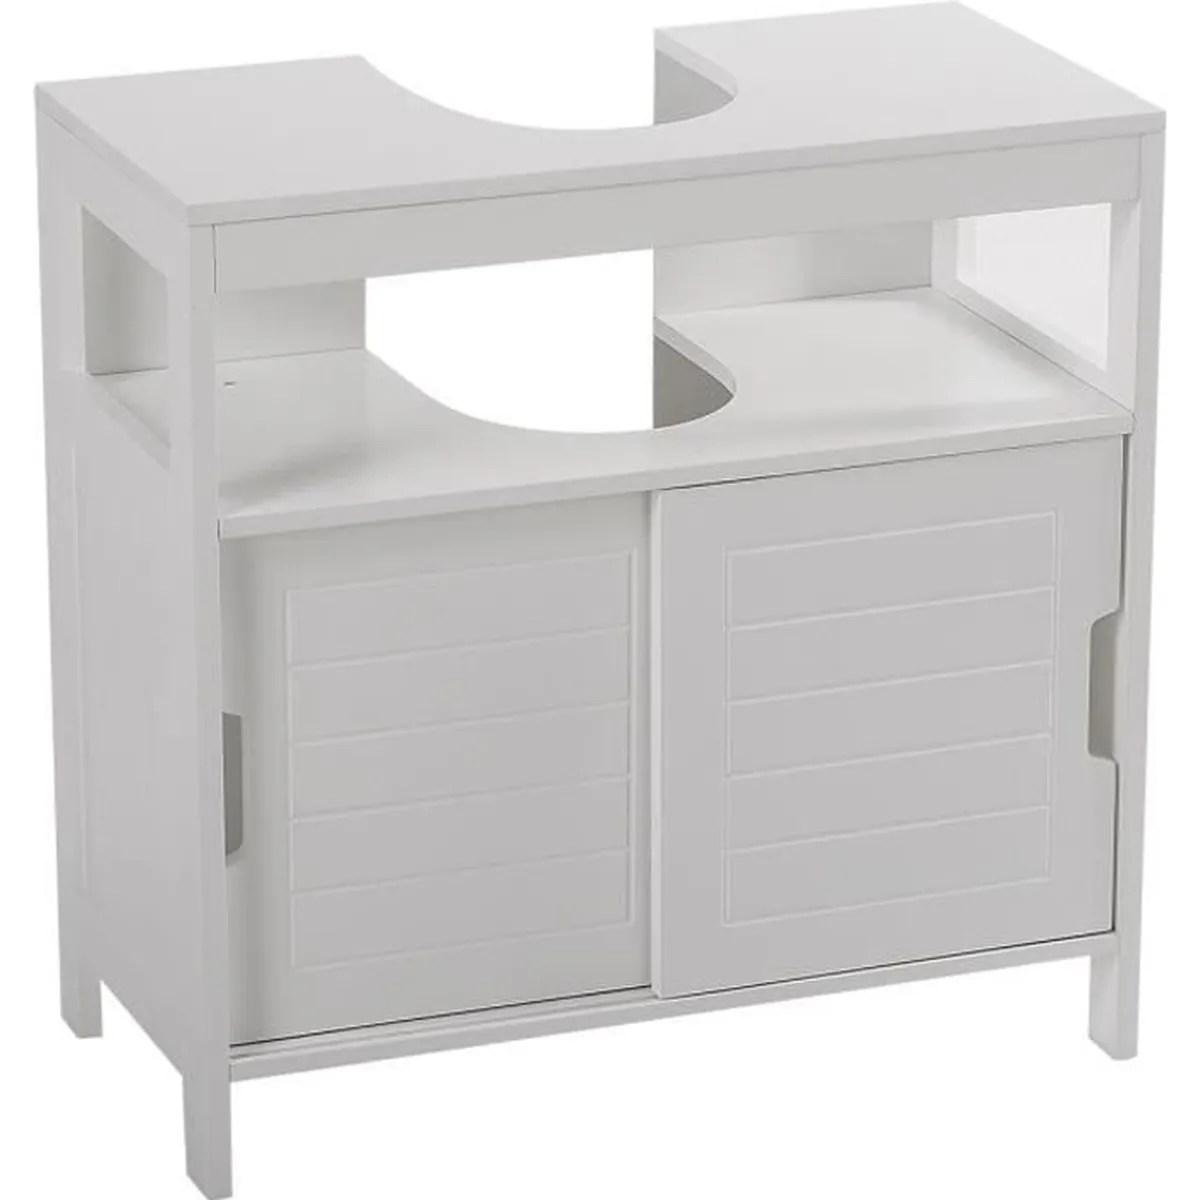 Meuble sous lavabo aqua blanc  Achat  Vente meuble